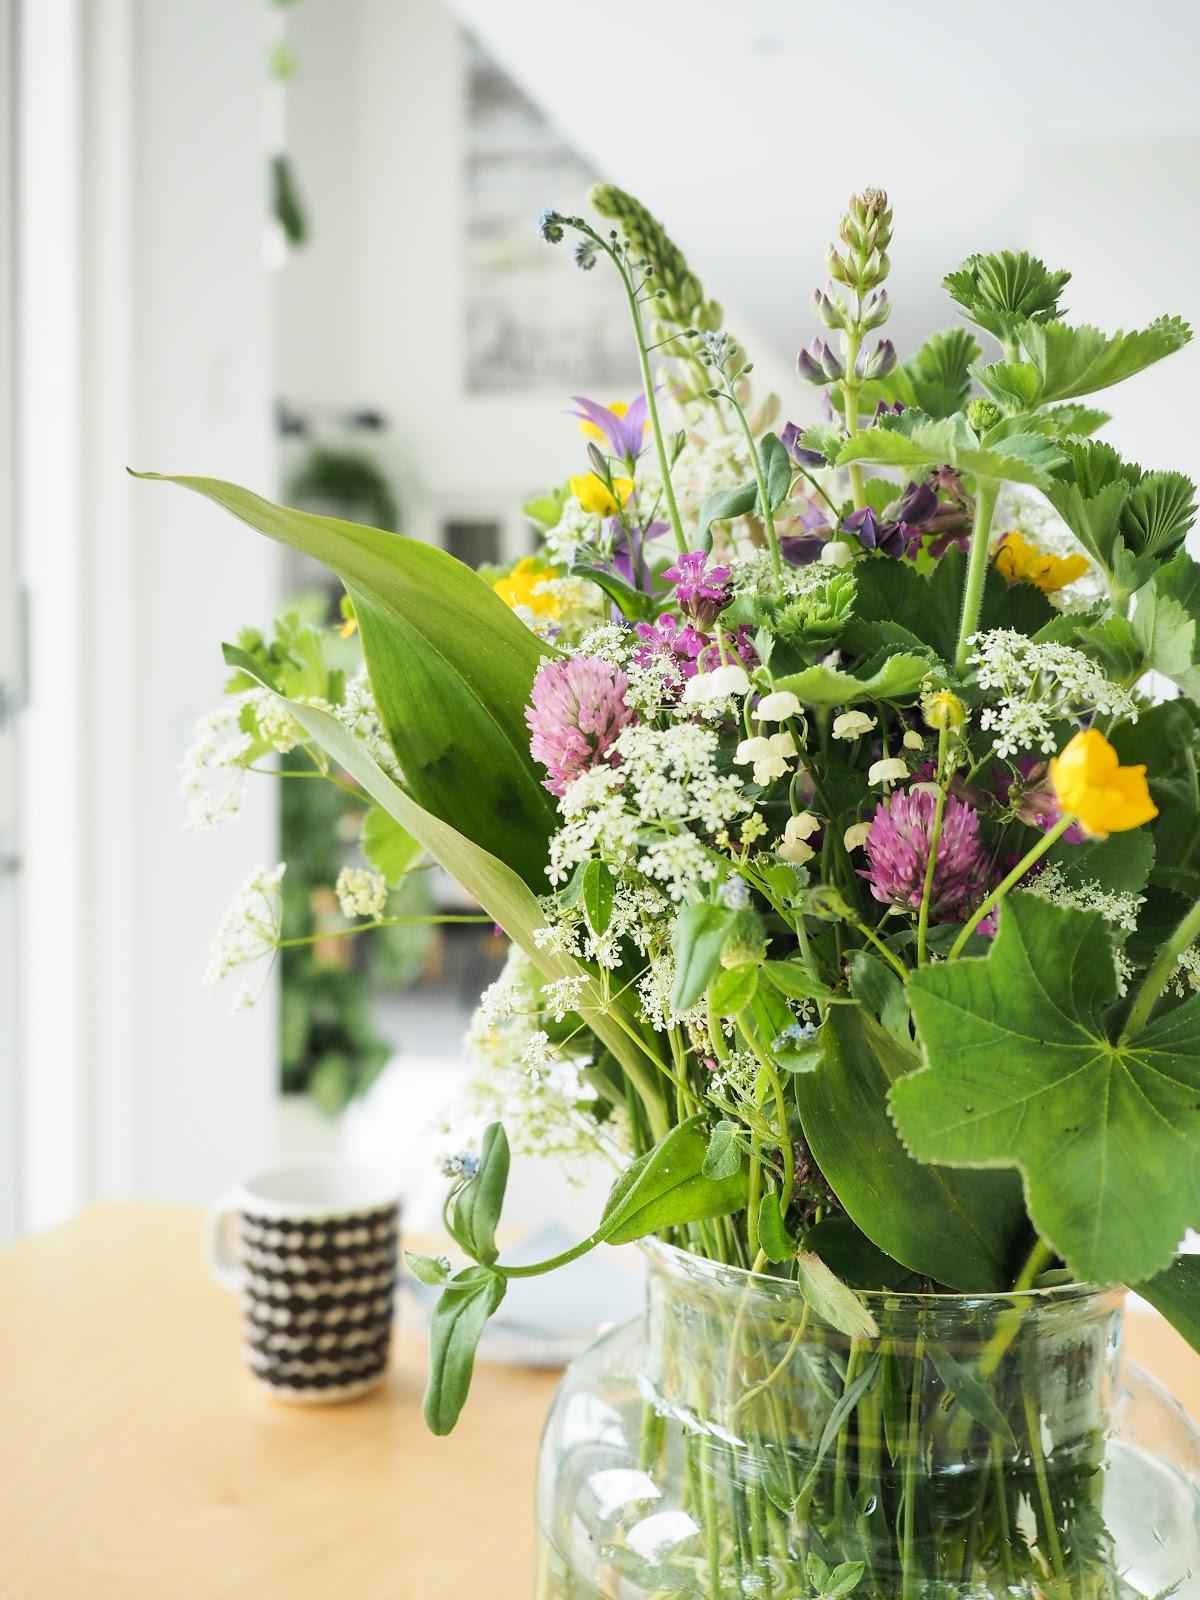 kesäkukkia, kukkakimppi, kaunis kukkakimppu